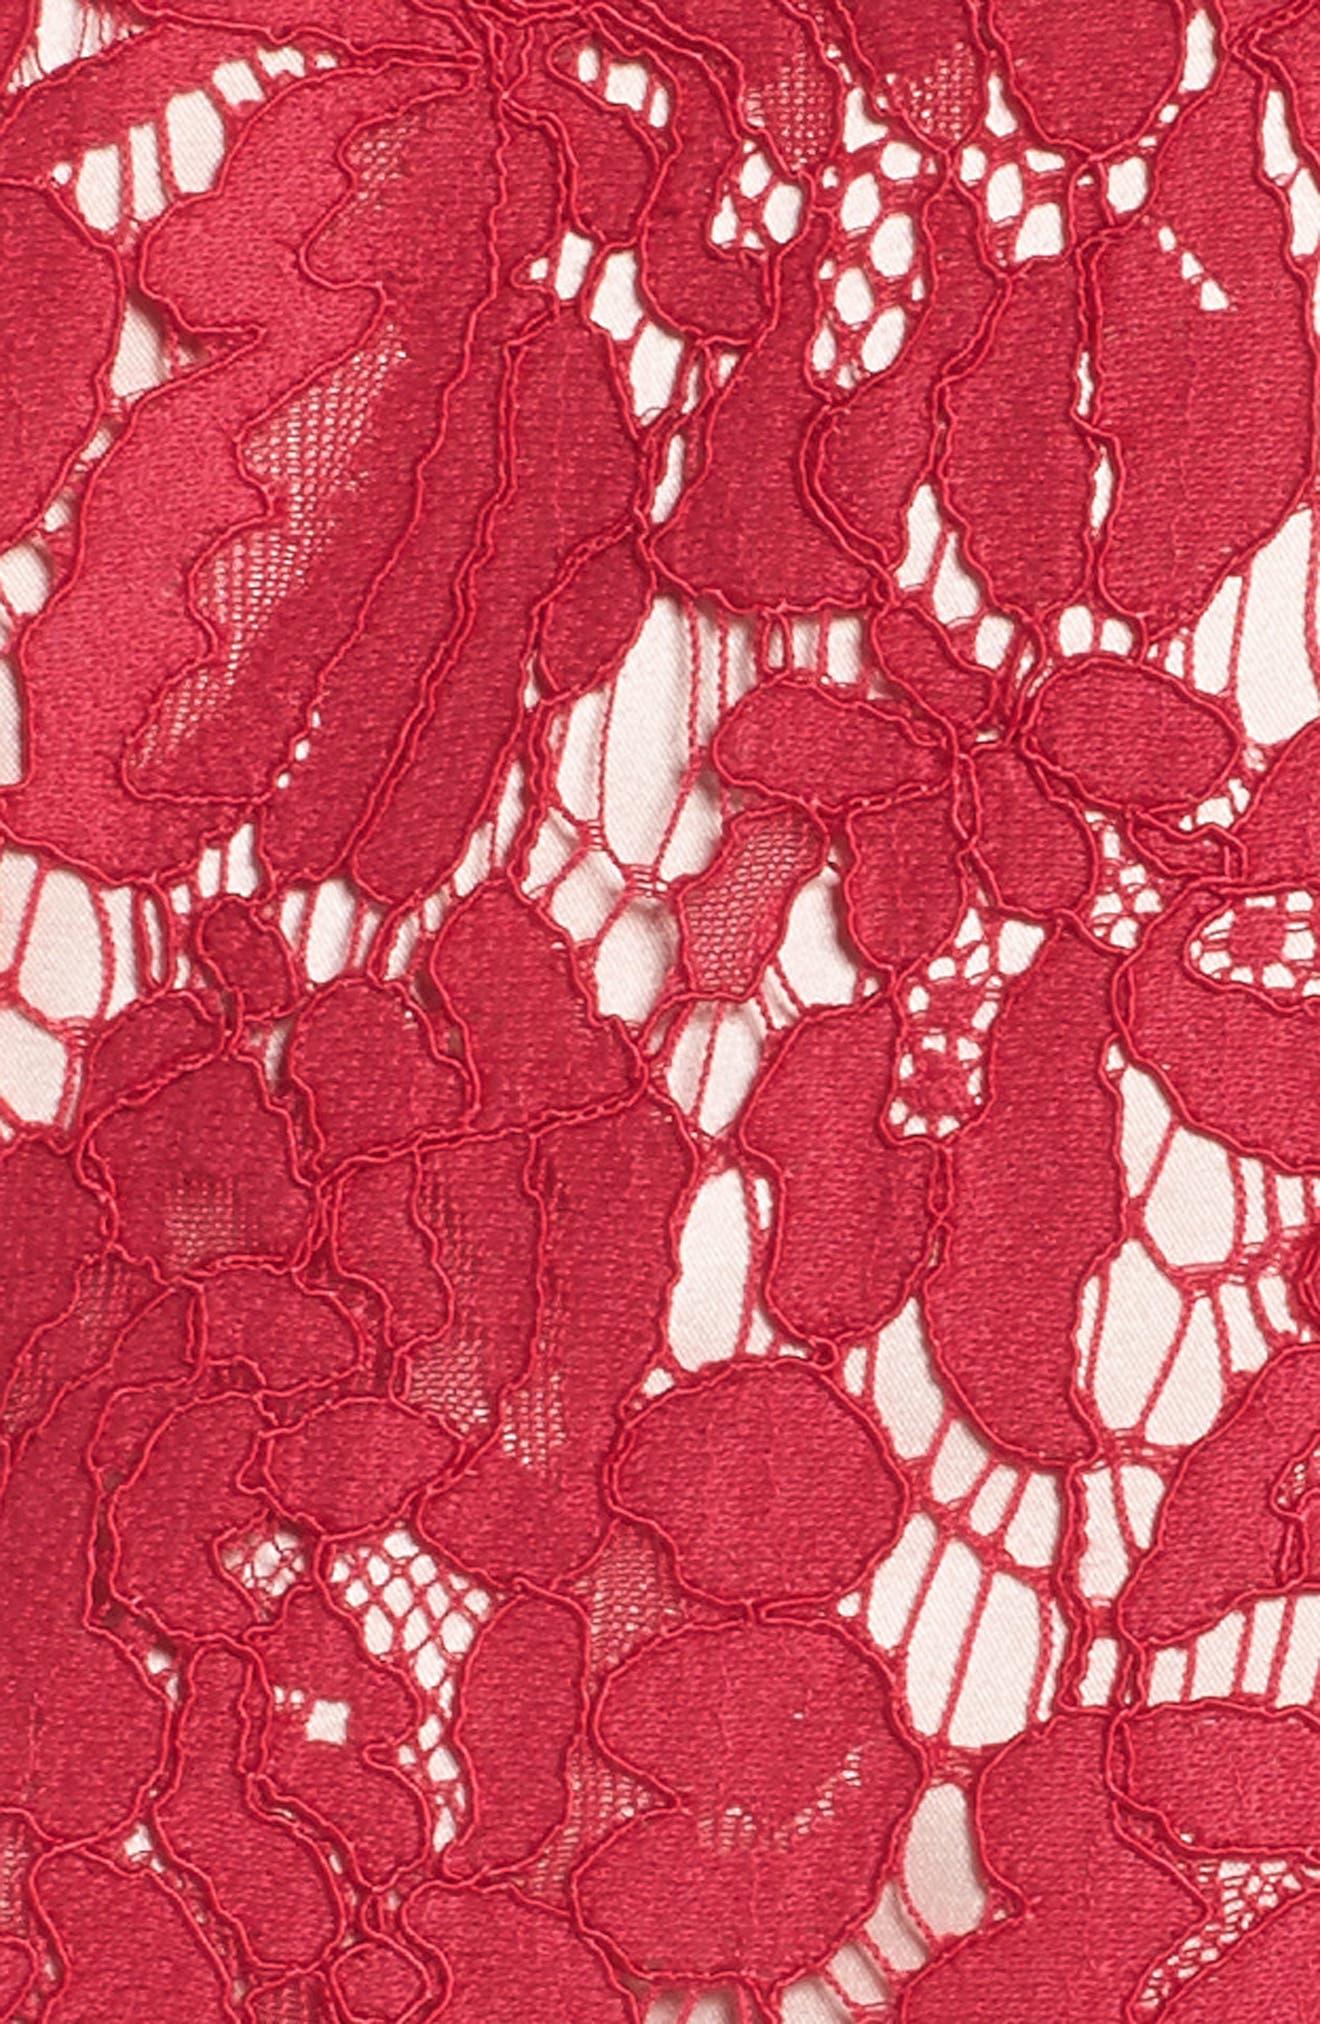 Cold Shoulder Lace Shift Dress,                             Alternate thumbnail 5, color,                             601